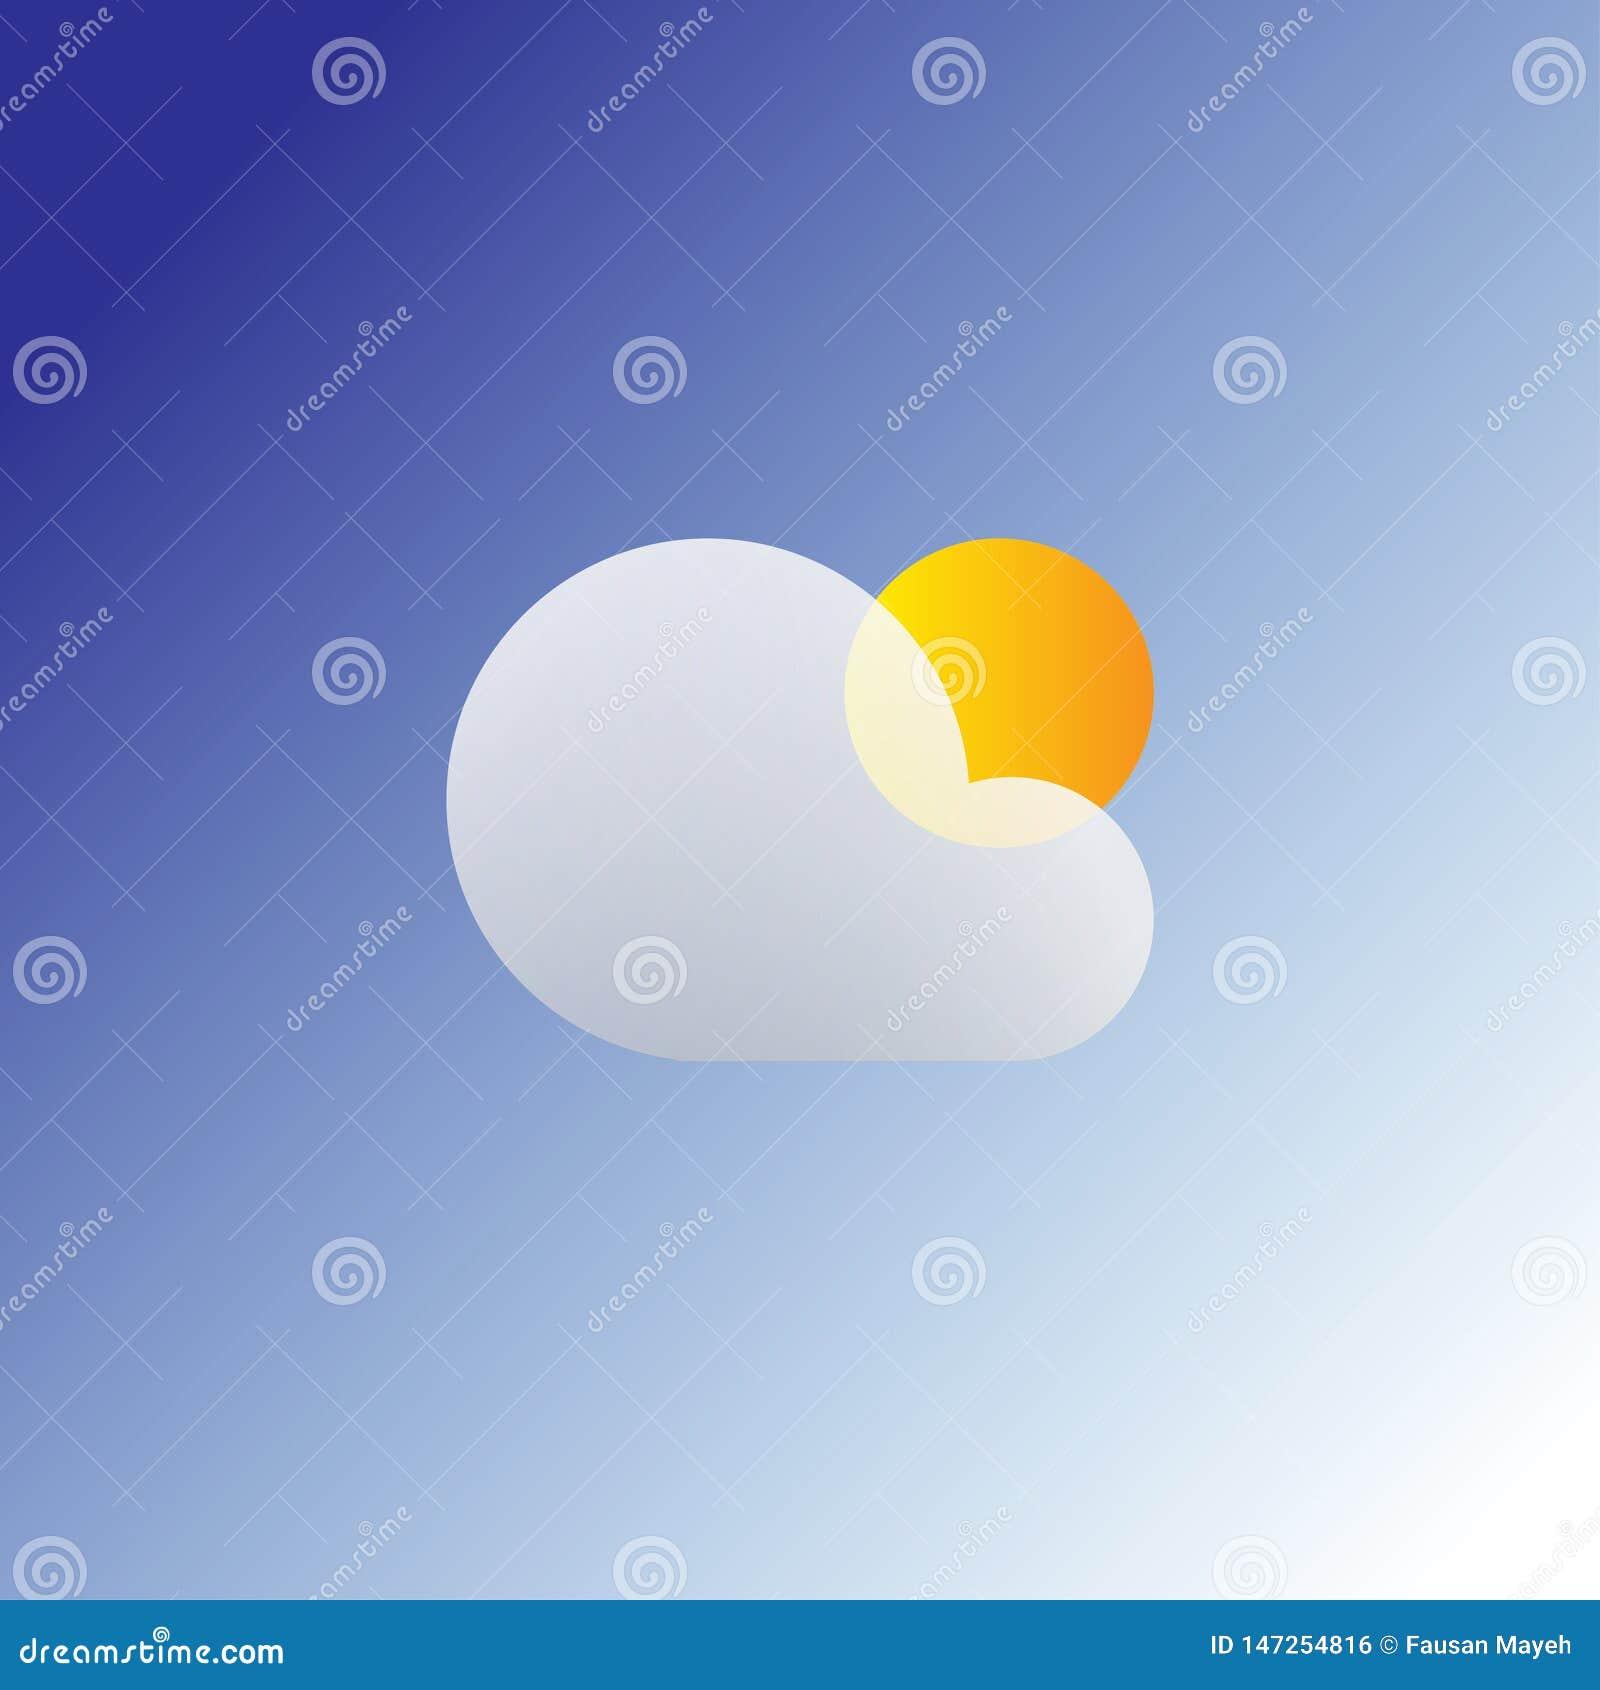 Icono plano del web del tiempo del sol y de la nube Icono aislado del verano en un fondo azul